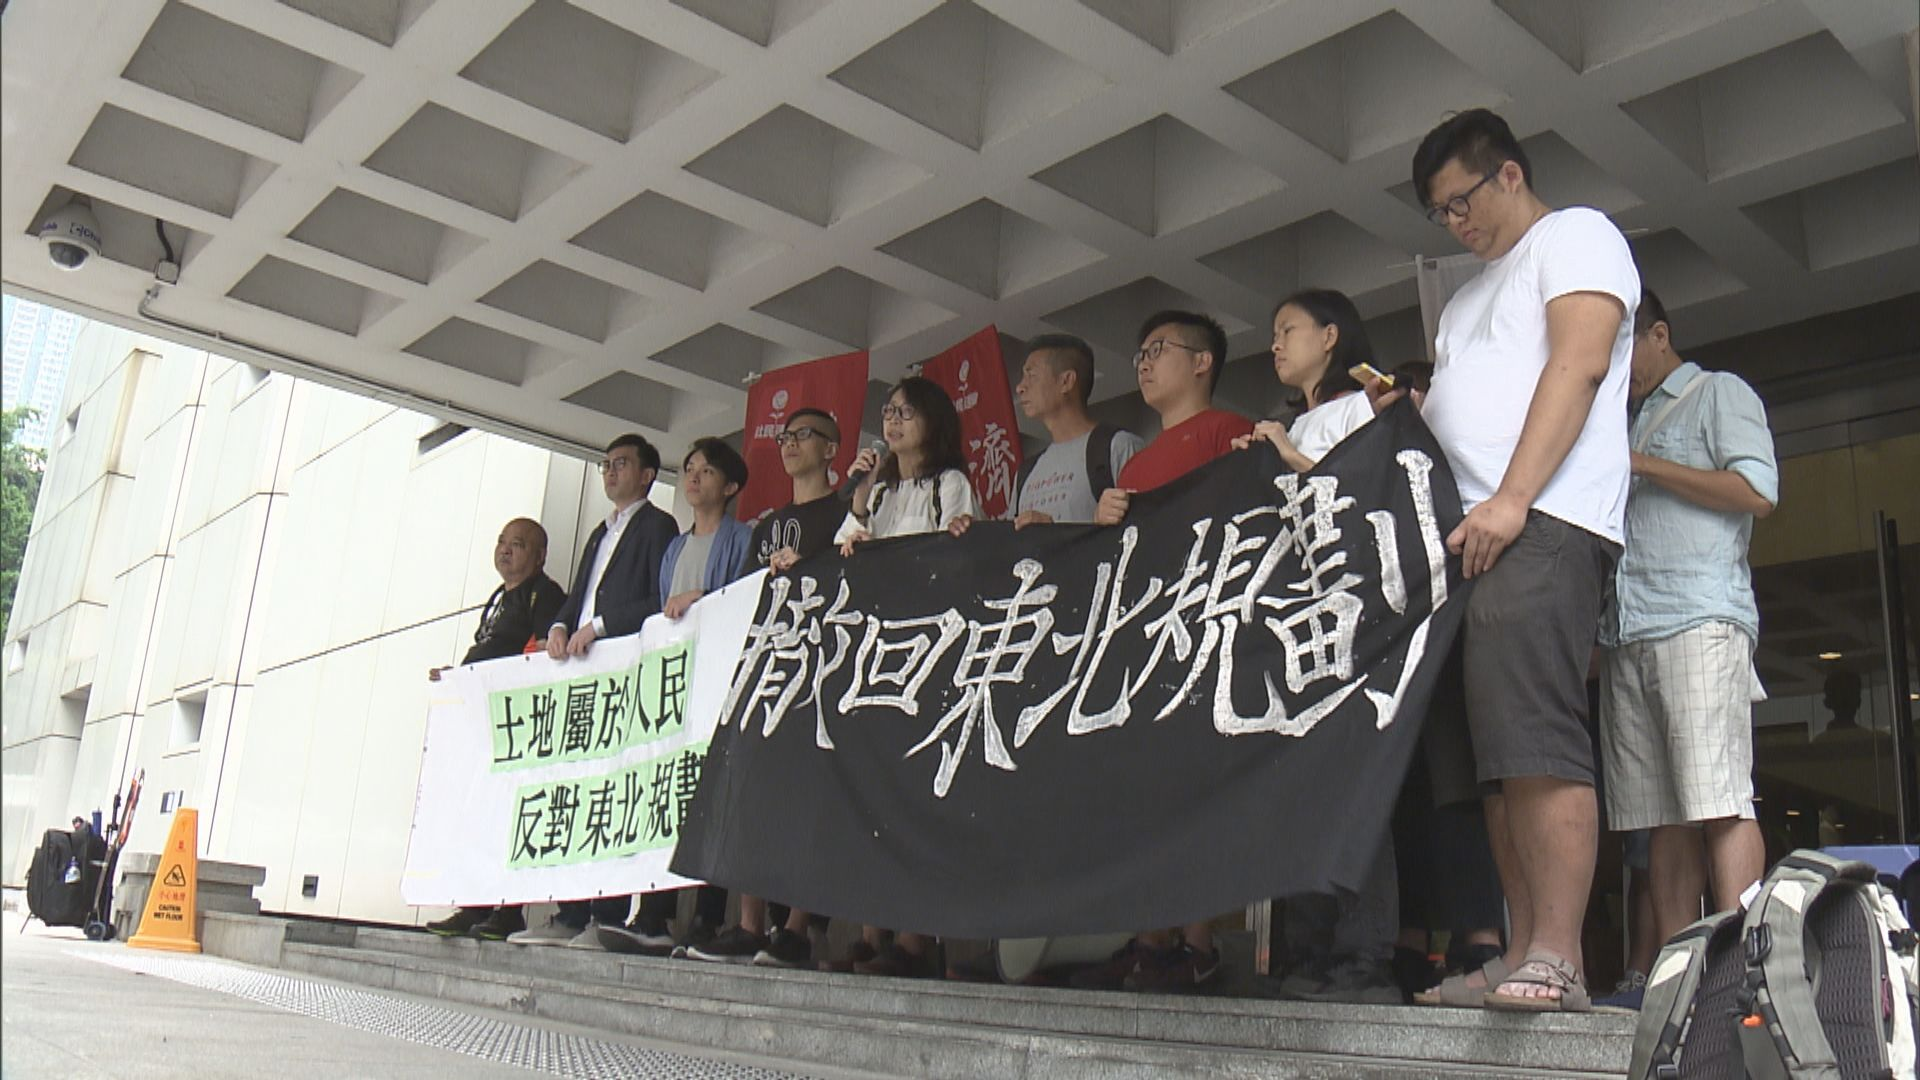 反新界東北示威 法官駁回定罪刑期上訴